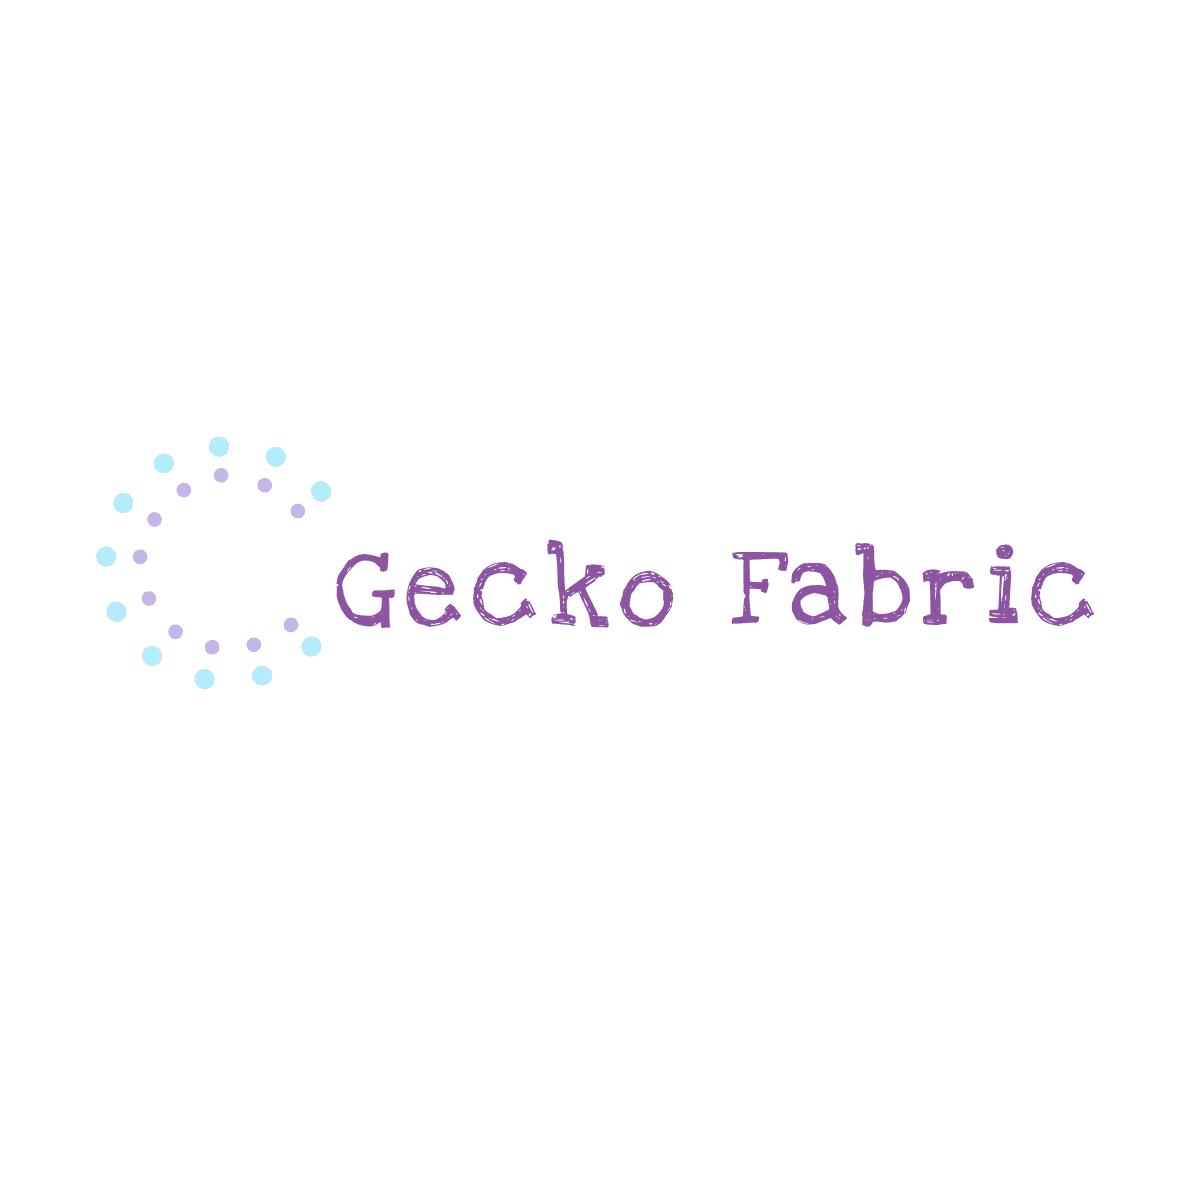 Gecko Fabrics logo